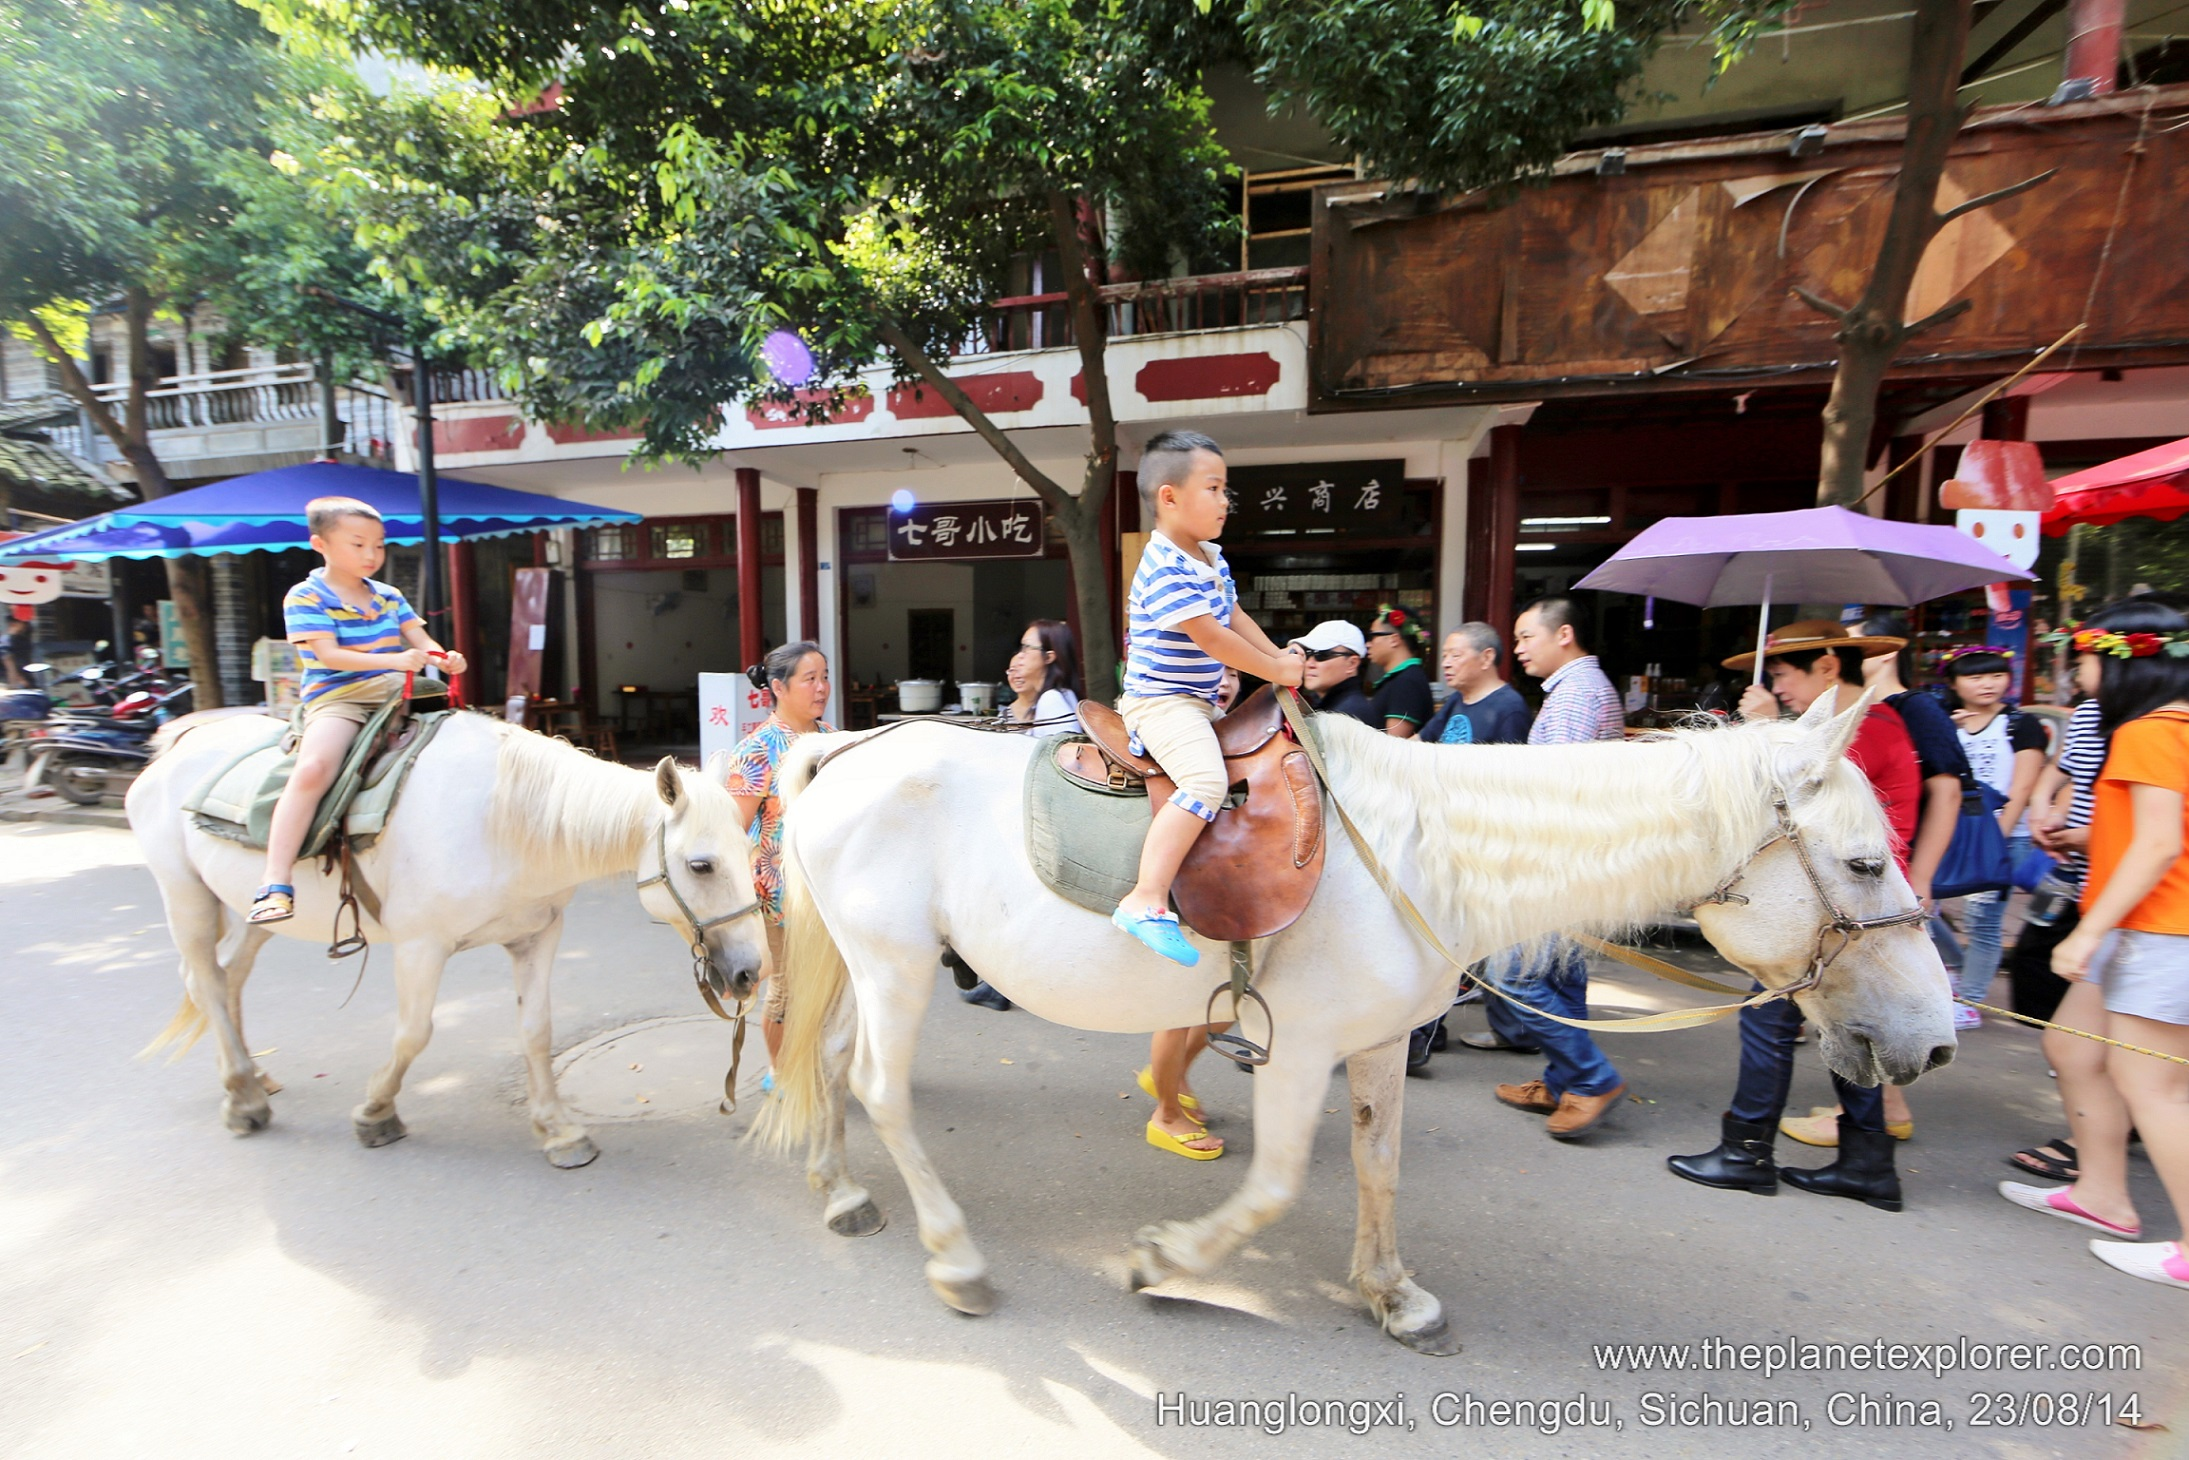 2014-08-23_1600_china_sichuan_chengdu_huanglongxi_horse-riding_lr_nw